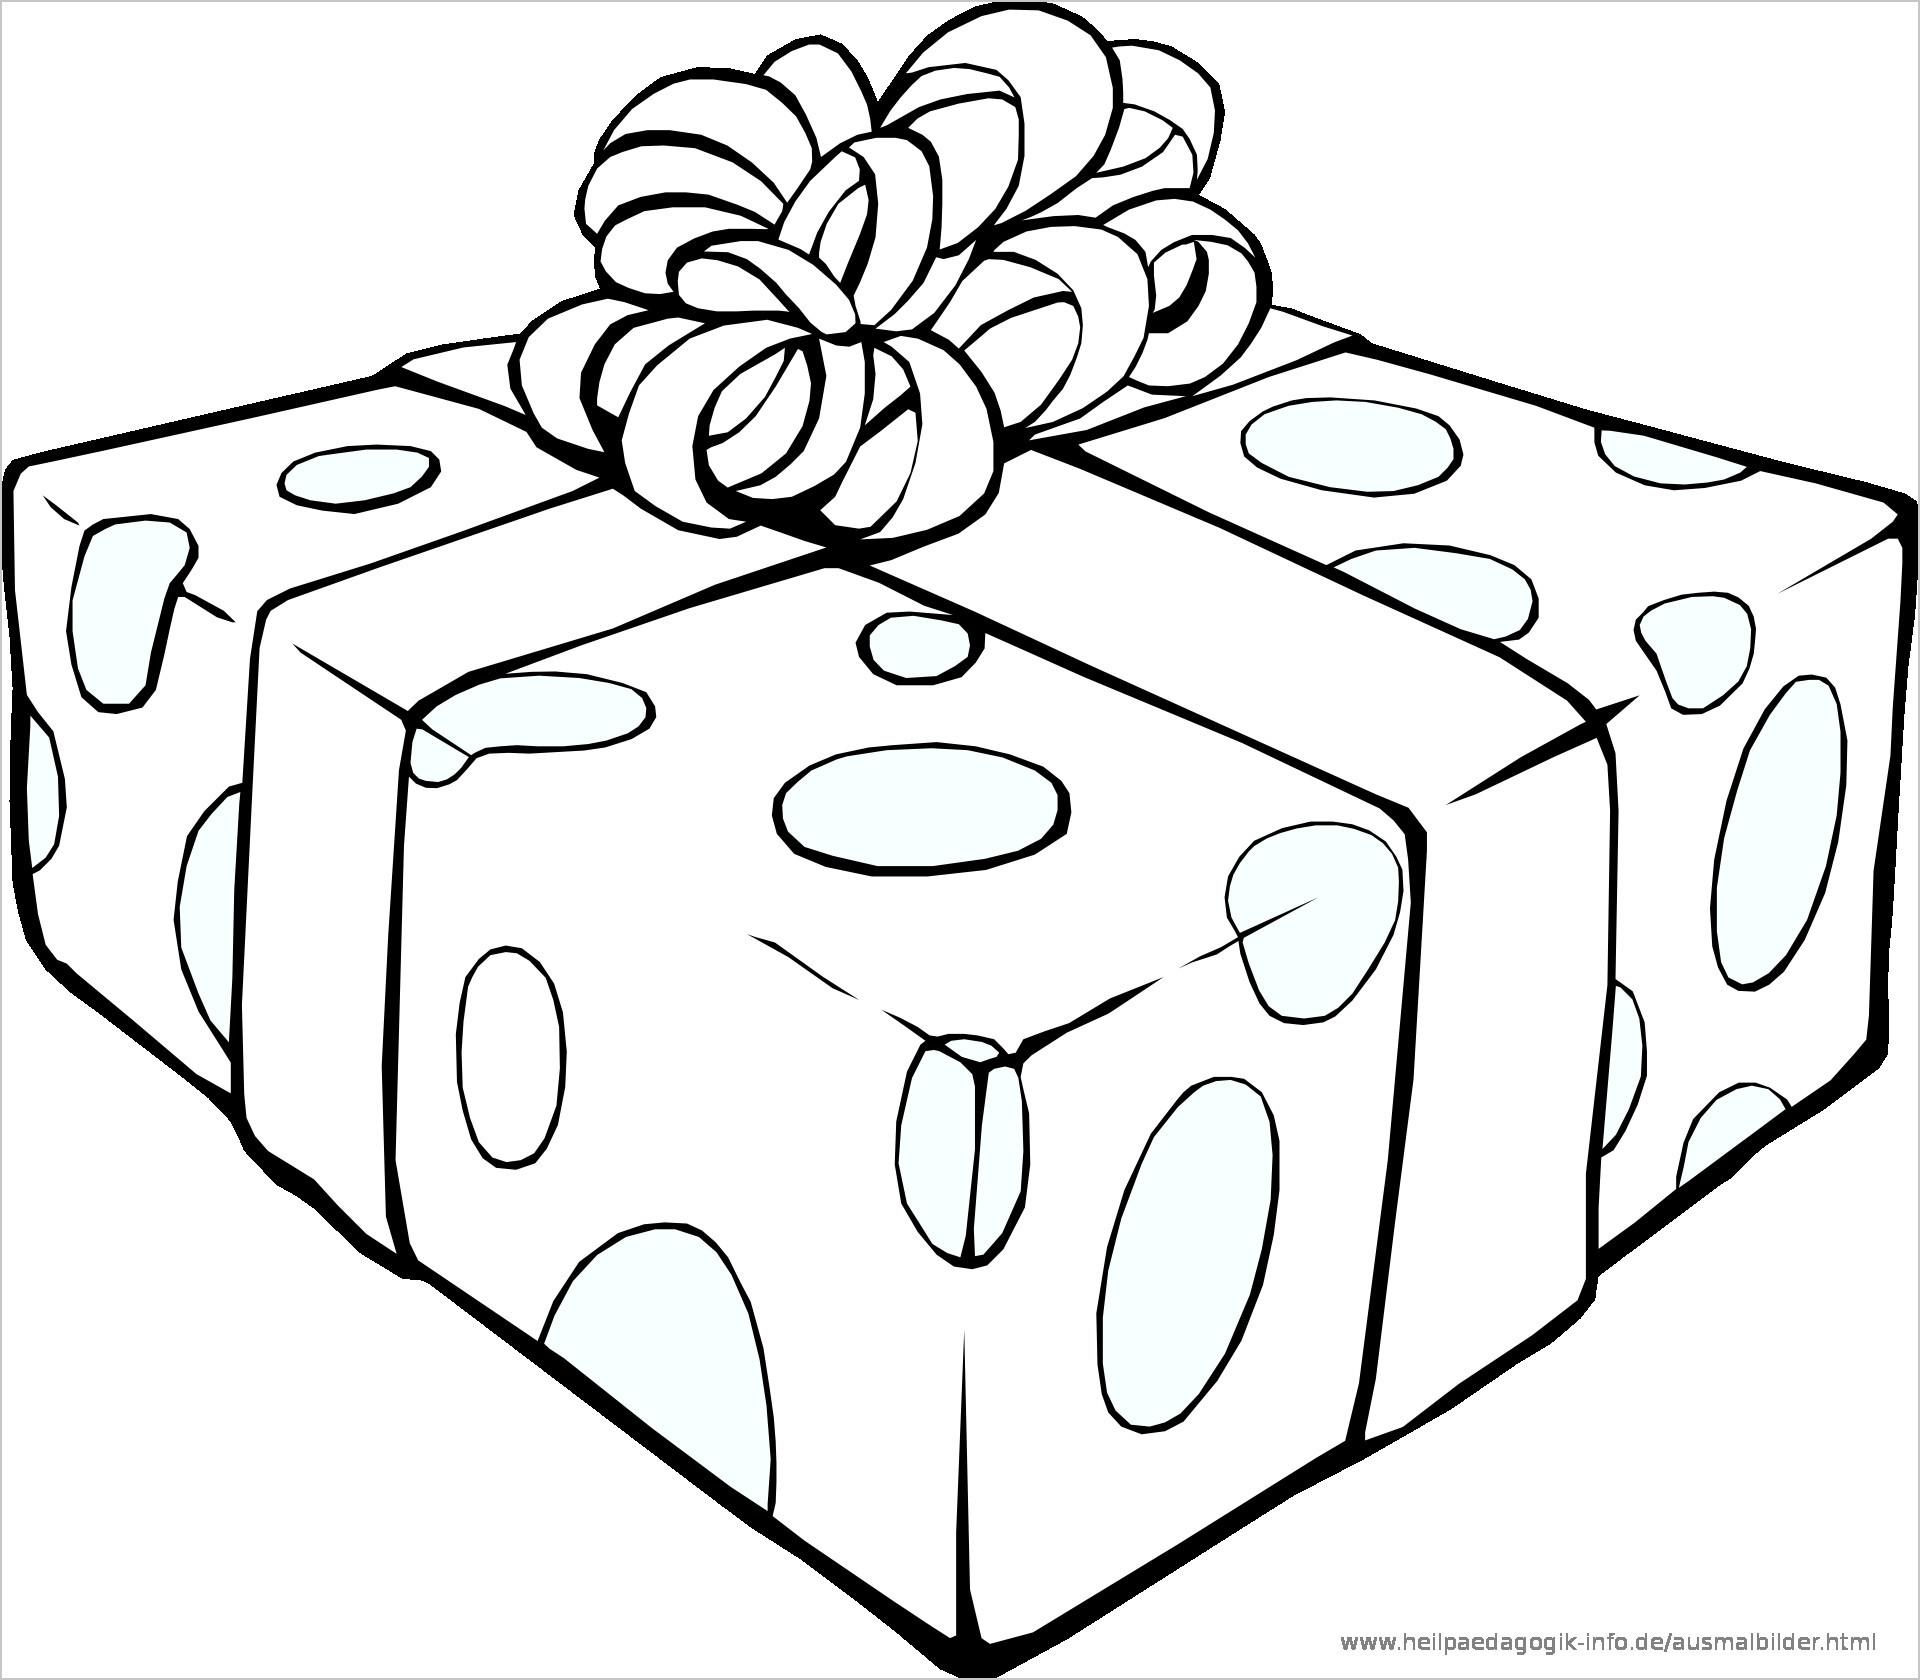 Ausmalbilder Weihnachten Online Genial Weihnachtsbaum Mit Geschenken Zum Ausmalen Natürlich Bild